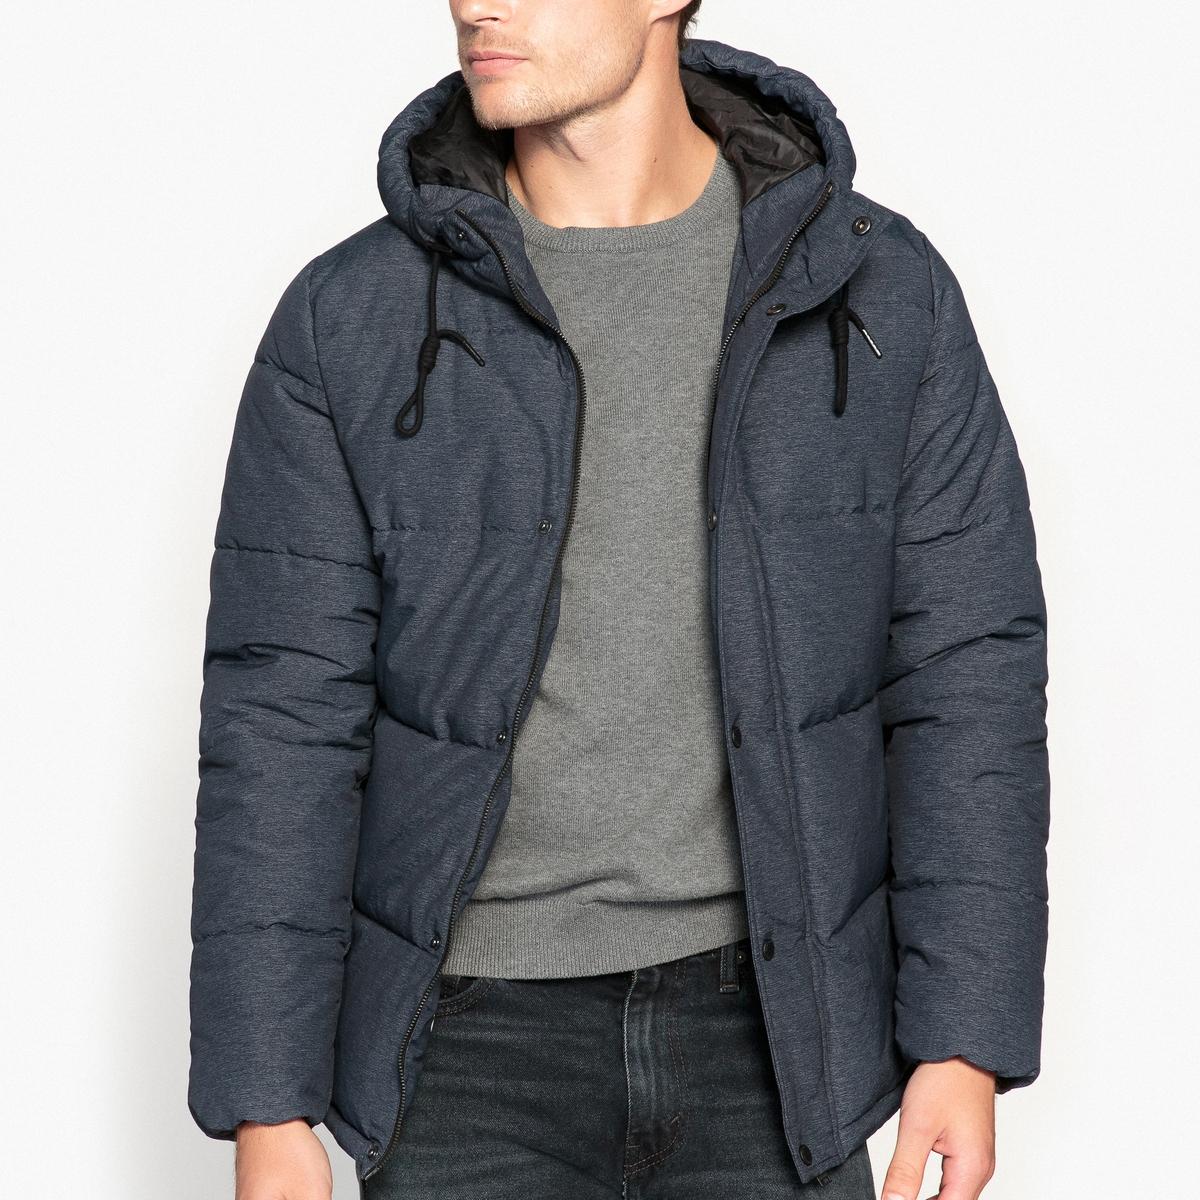 Куртка стеганая с капюшономДетали •  Длина : укороченная   •  Воротник-стойка •  Застежка на молнию •  С капюшоном Состав и уход •  72% полиамида, 28% полиэстера •  Следуйте советам по уходу, указанным на этикетке<br><br>Цвет: синий морской<br>Размер: S.M